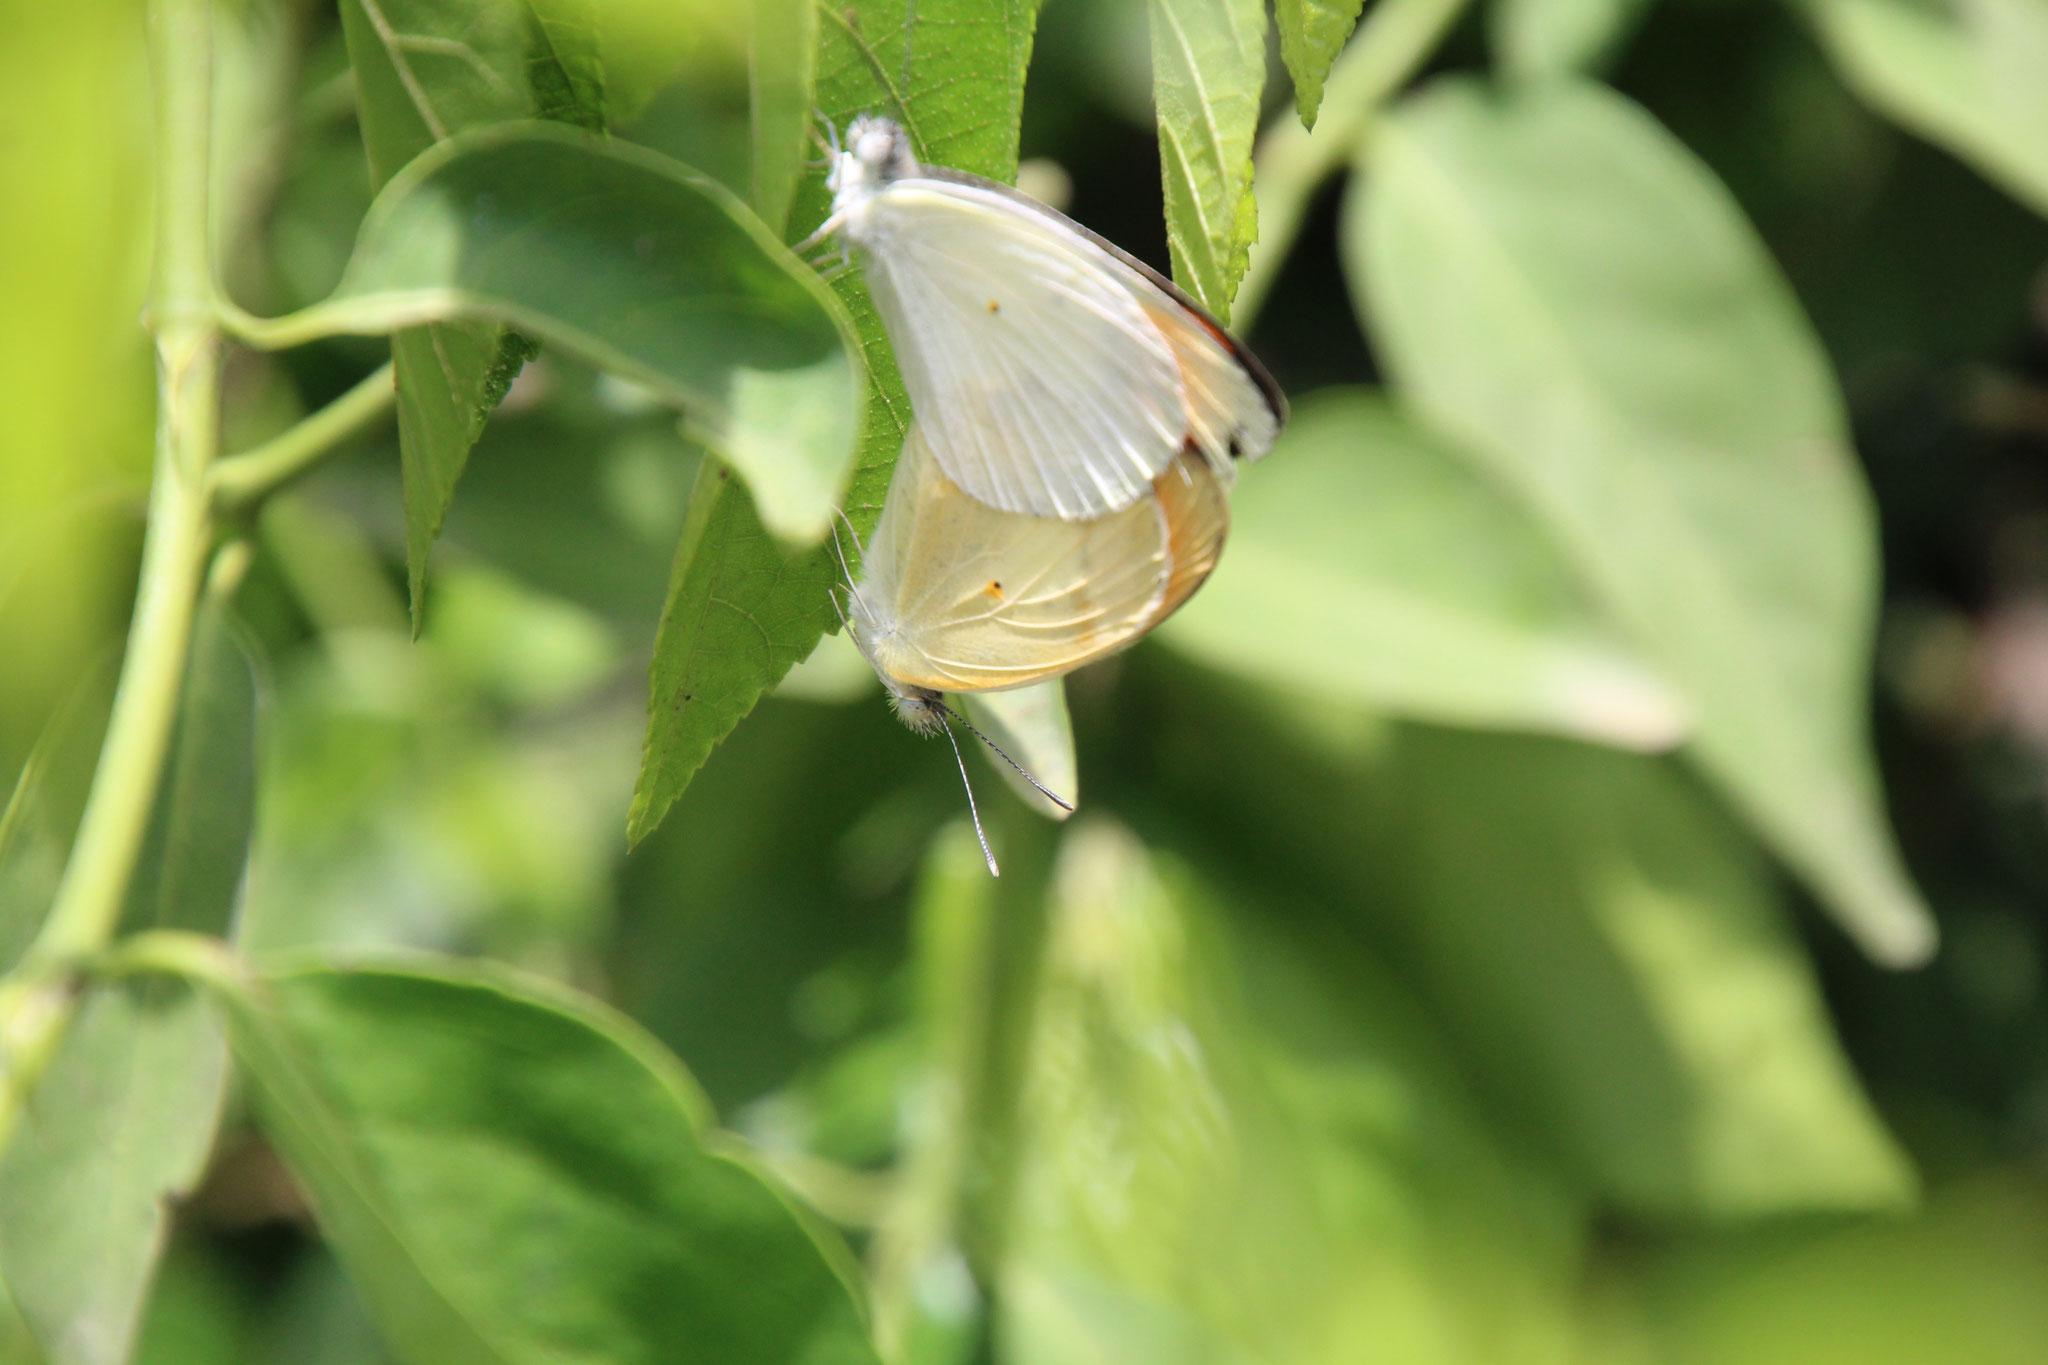 14. Schmetterlinge bei der Paarung.